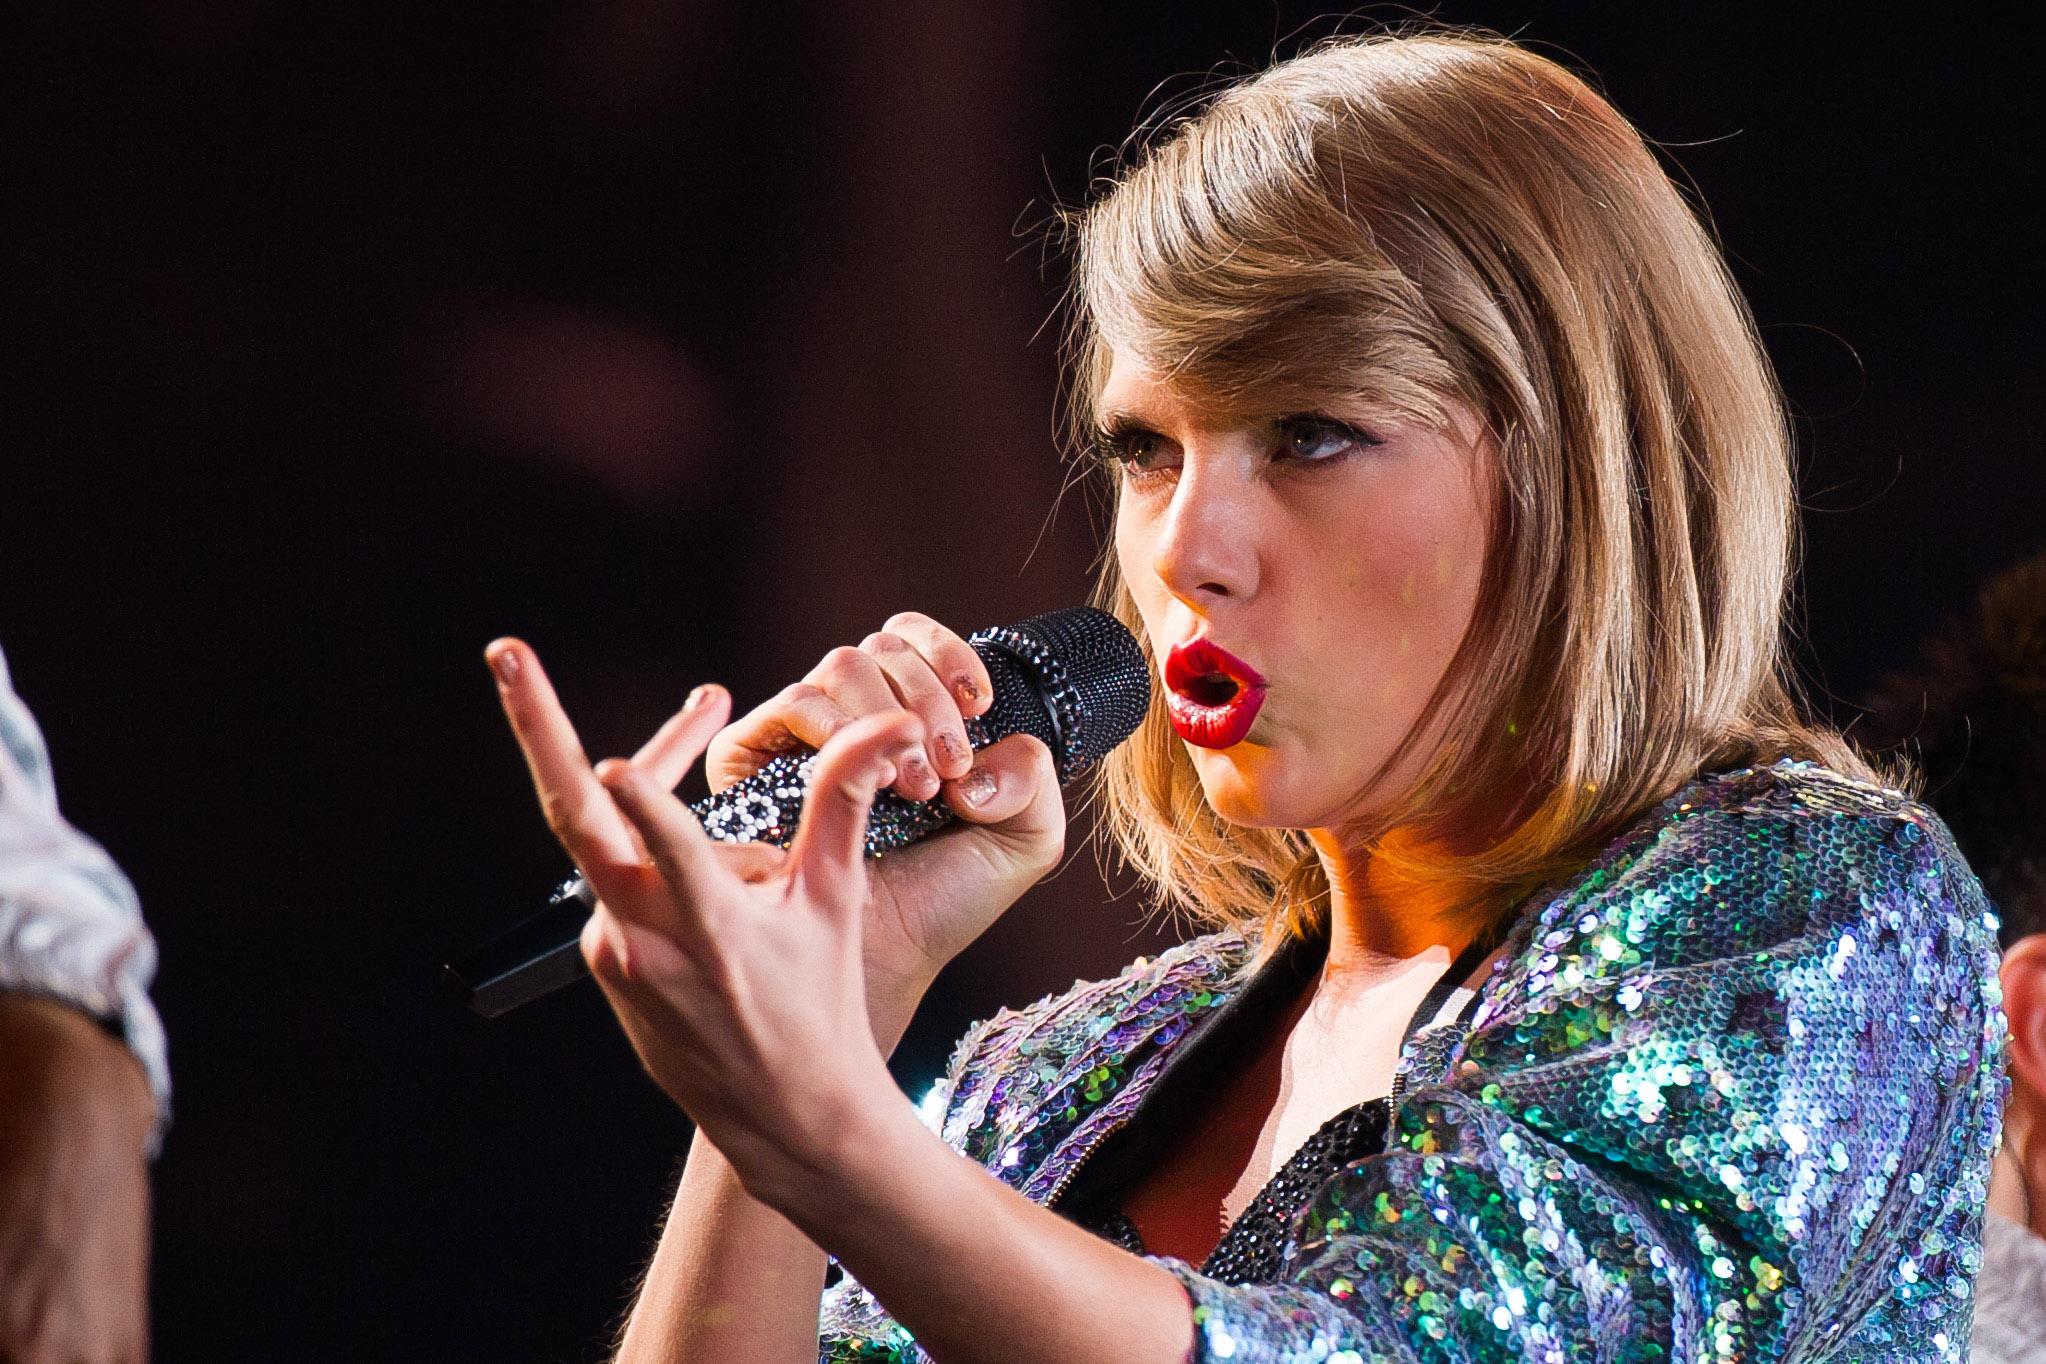 Bei einem Konzert von Taylor Swift fiel ein 13-Jähriger von der Tribüne